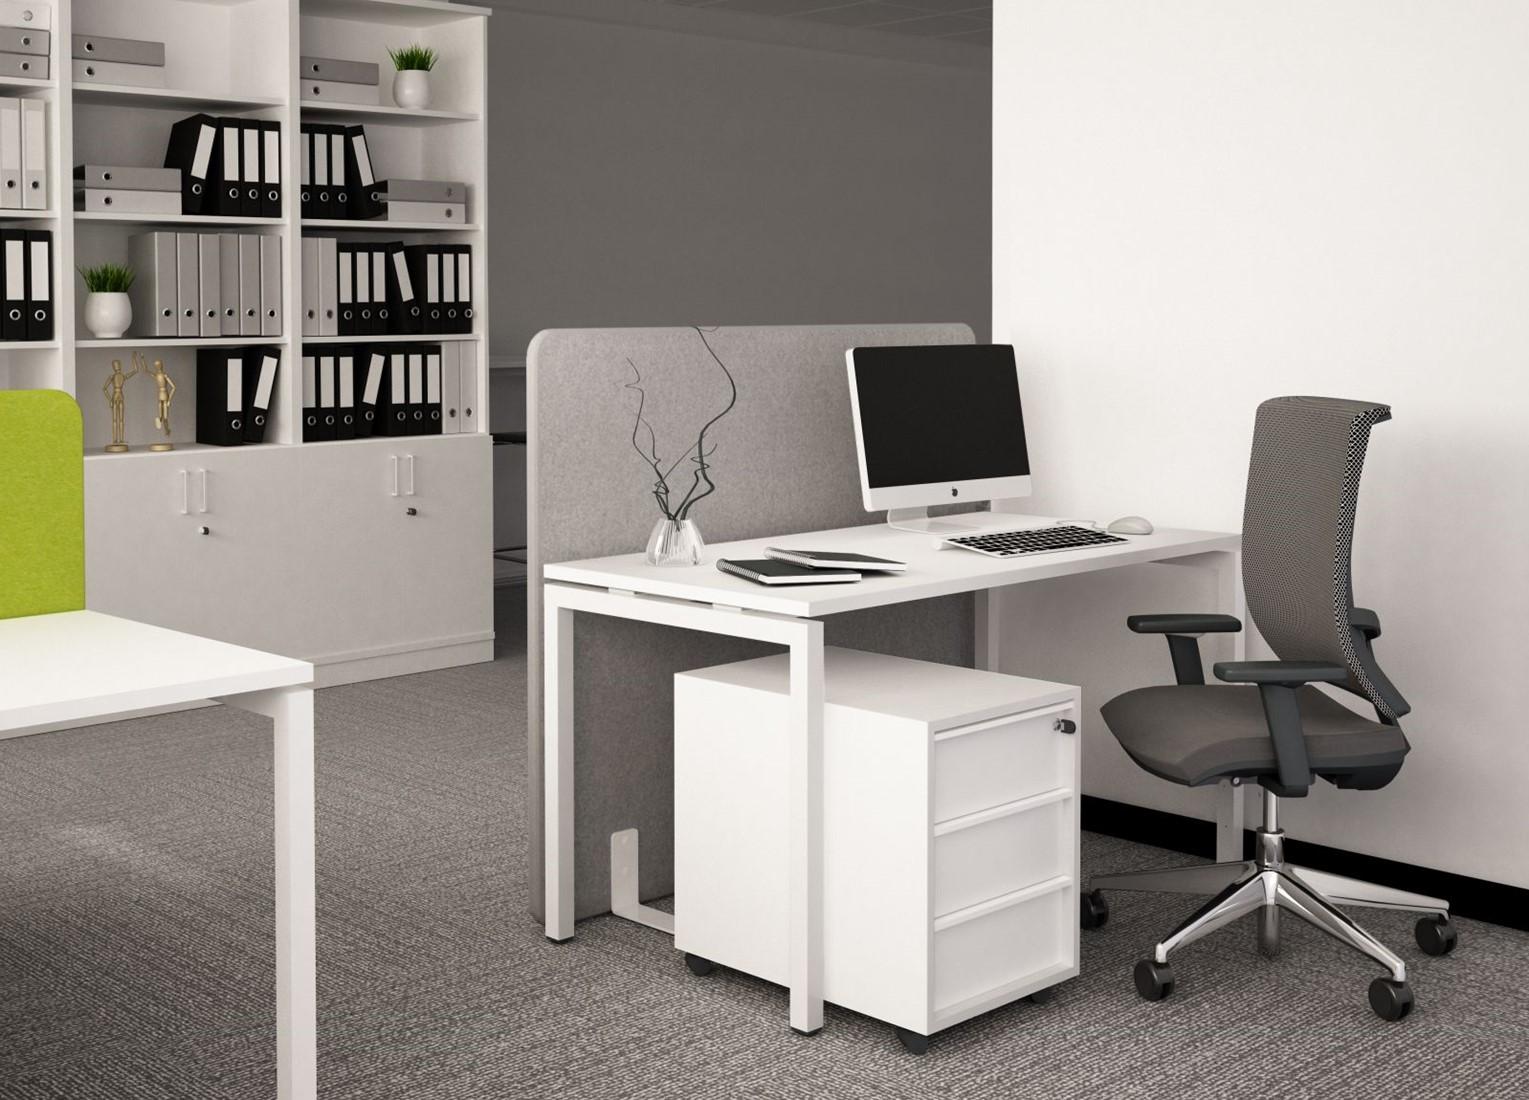 bench bureau nova u 2 x 180 x 80 cm geen u walnoot wit vaste hoogte 74 cm bij van lith. Black Bedroom Furniture Sets. Home Design Ideas